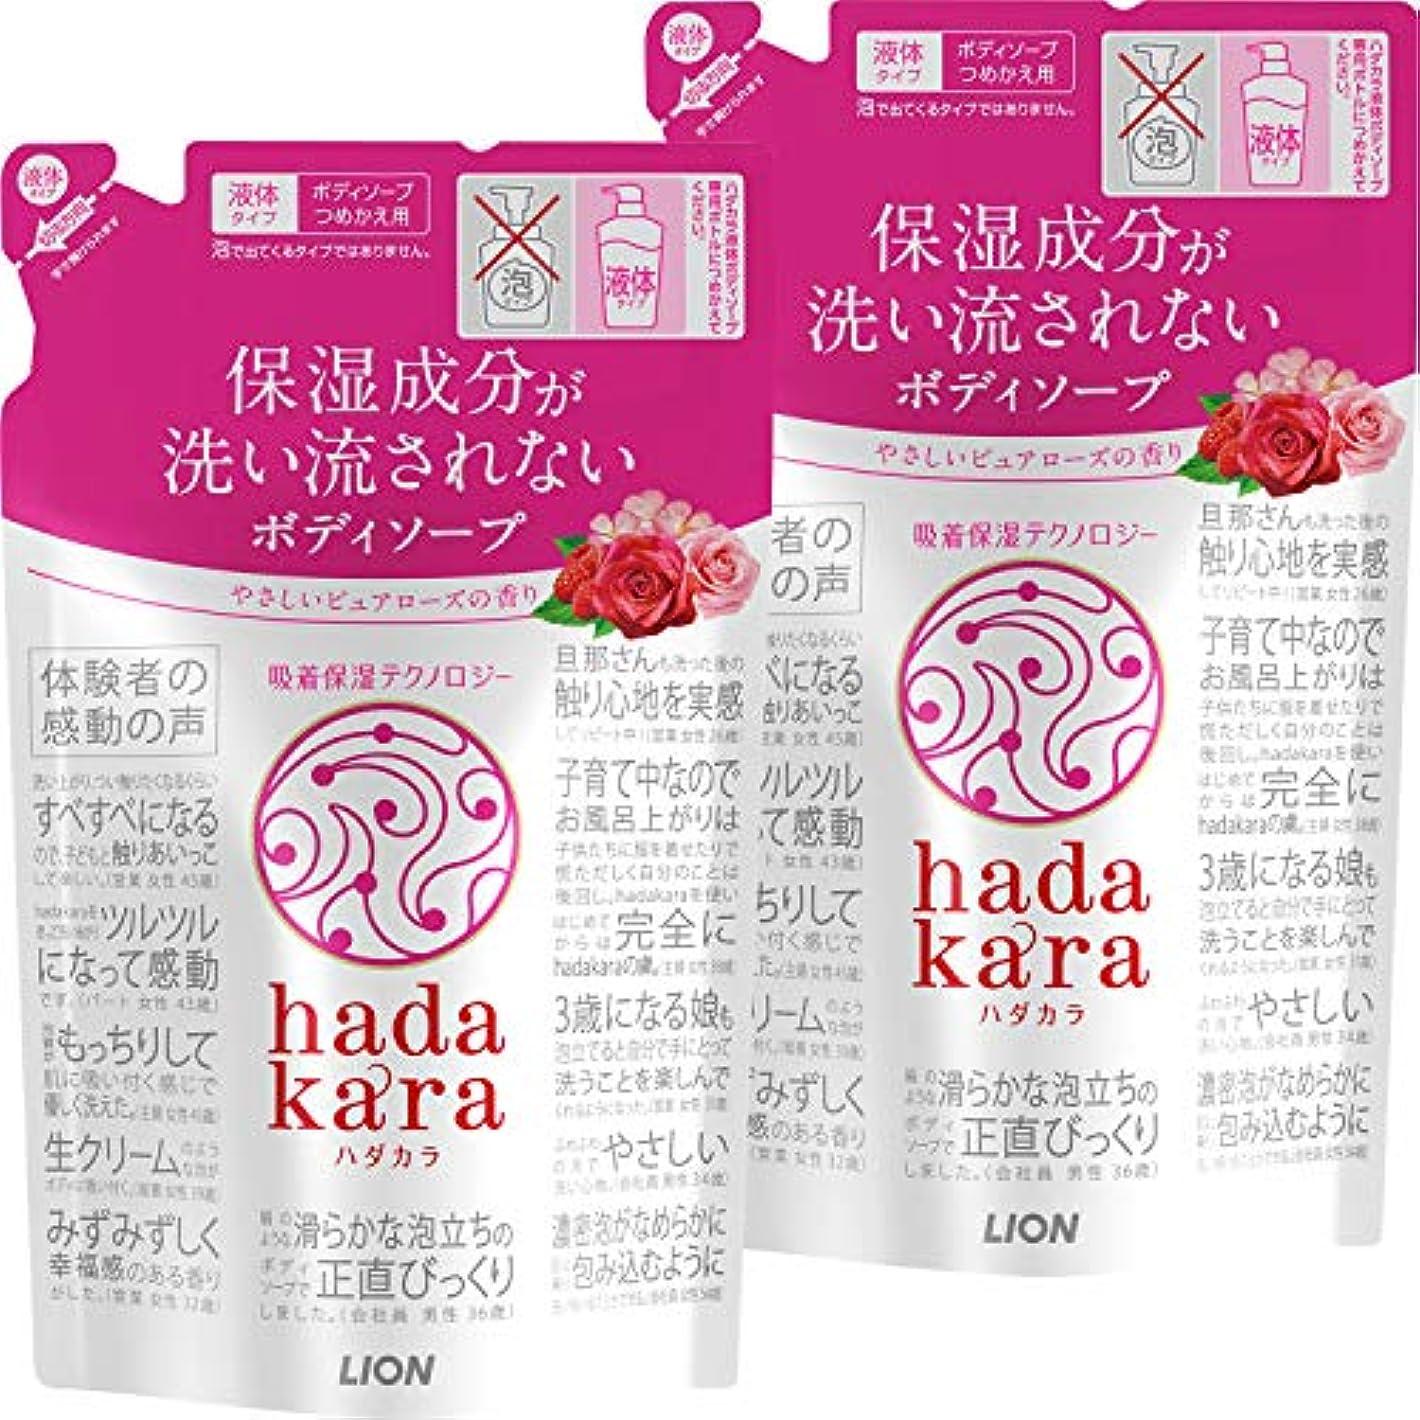 トロピカル増幅するデュアル【まとめ買い】hadakara(ハダカラ) ボディソープ ピュアローズの香り 詰め替え 360ml×2個パック